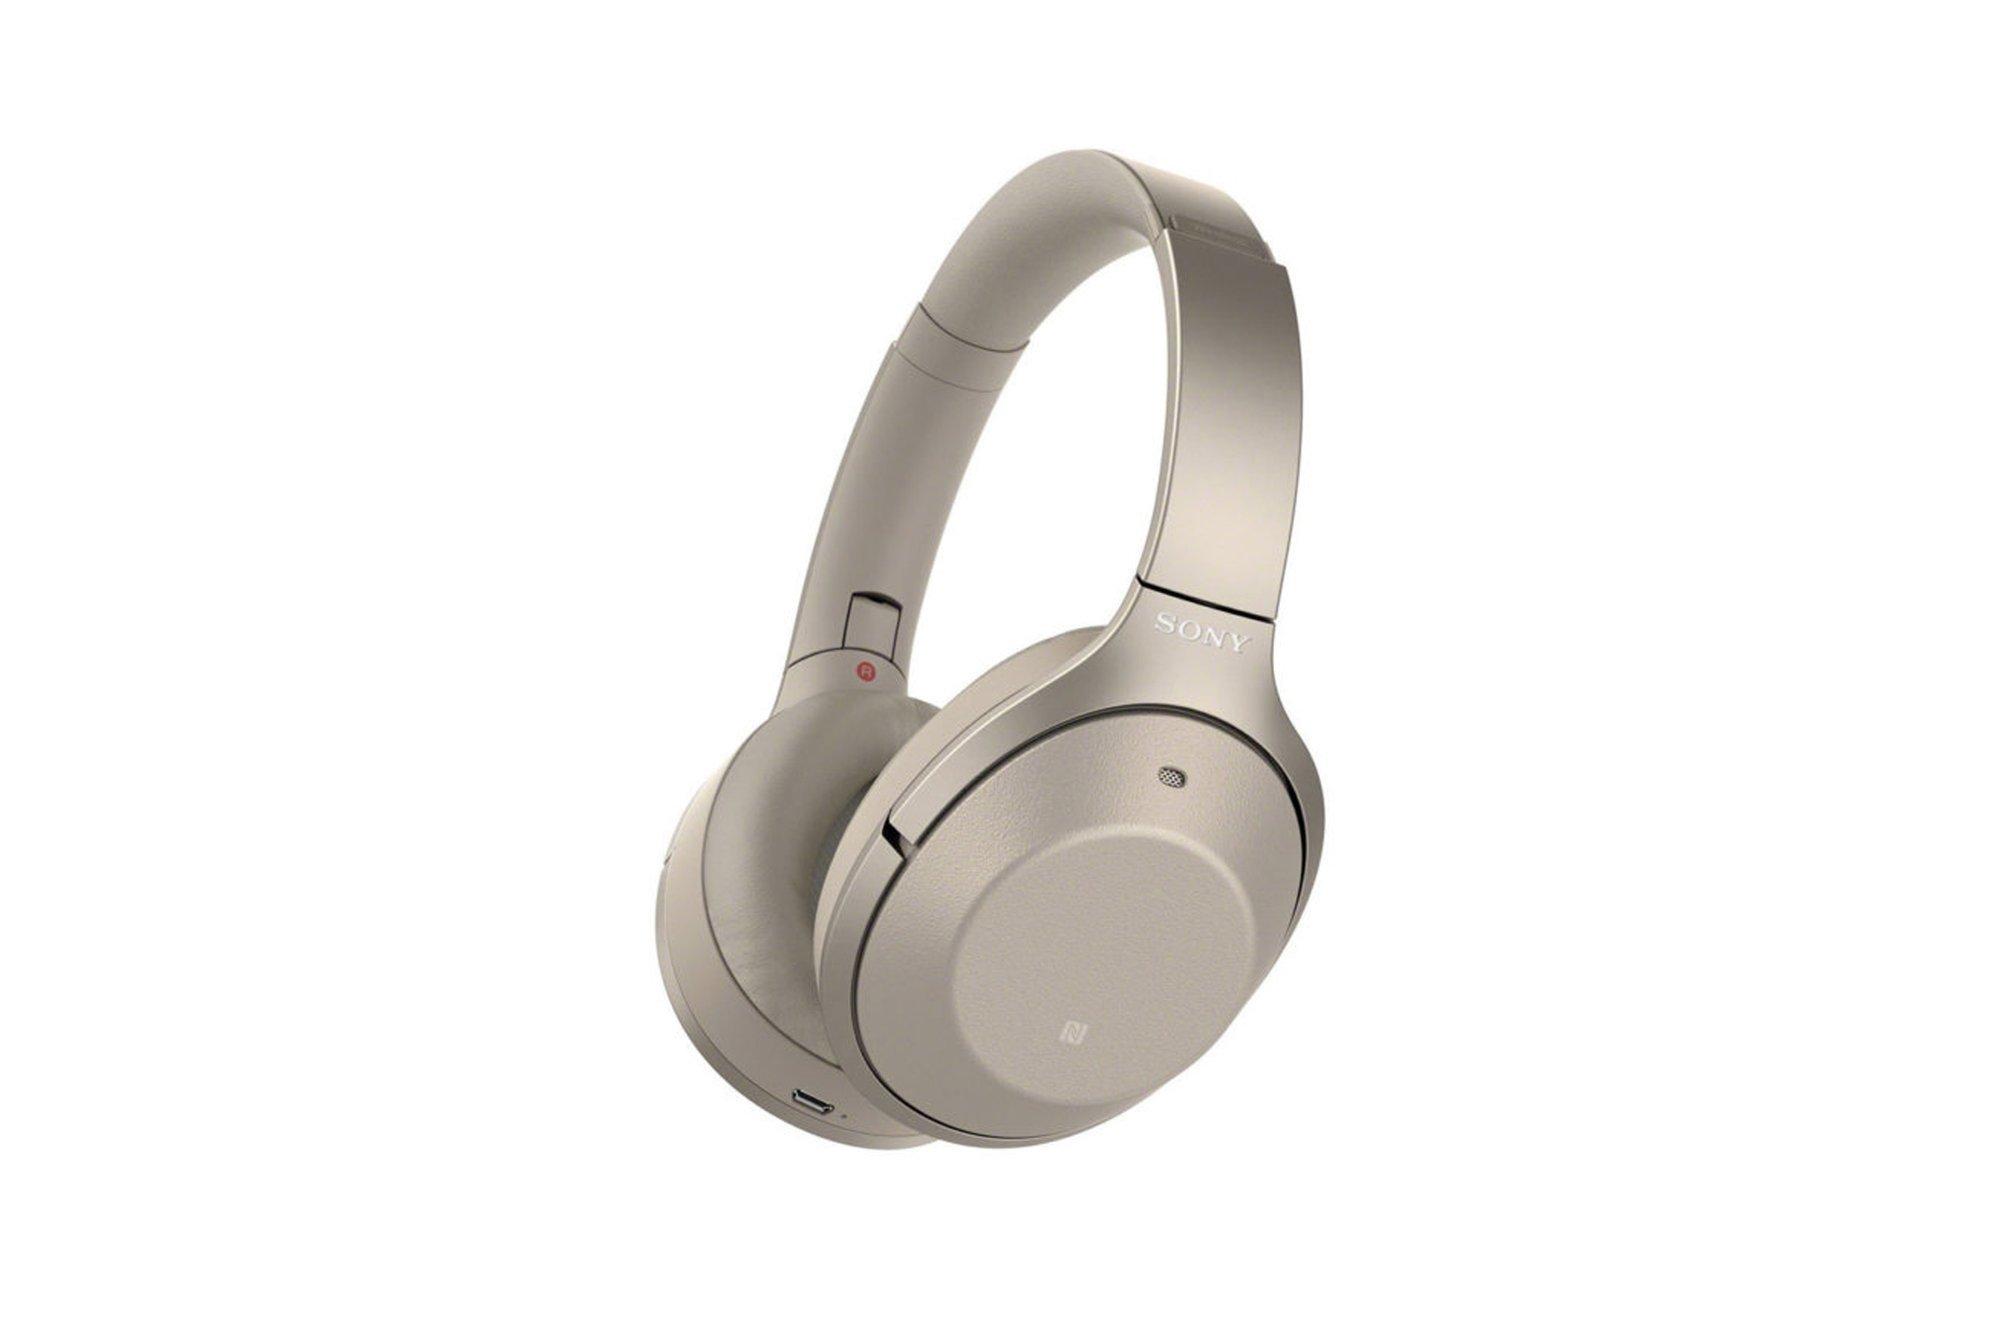 Bezprzewodowe słuchawki Sony WH-1000XM2